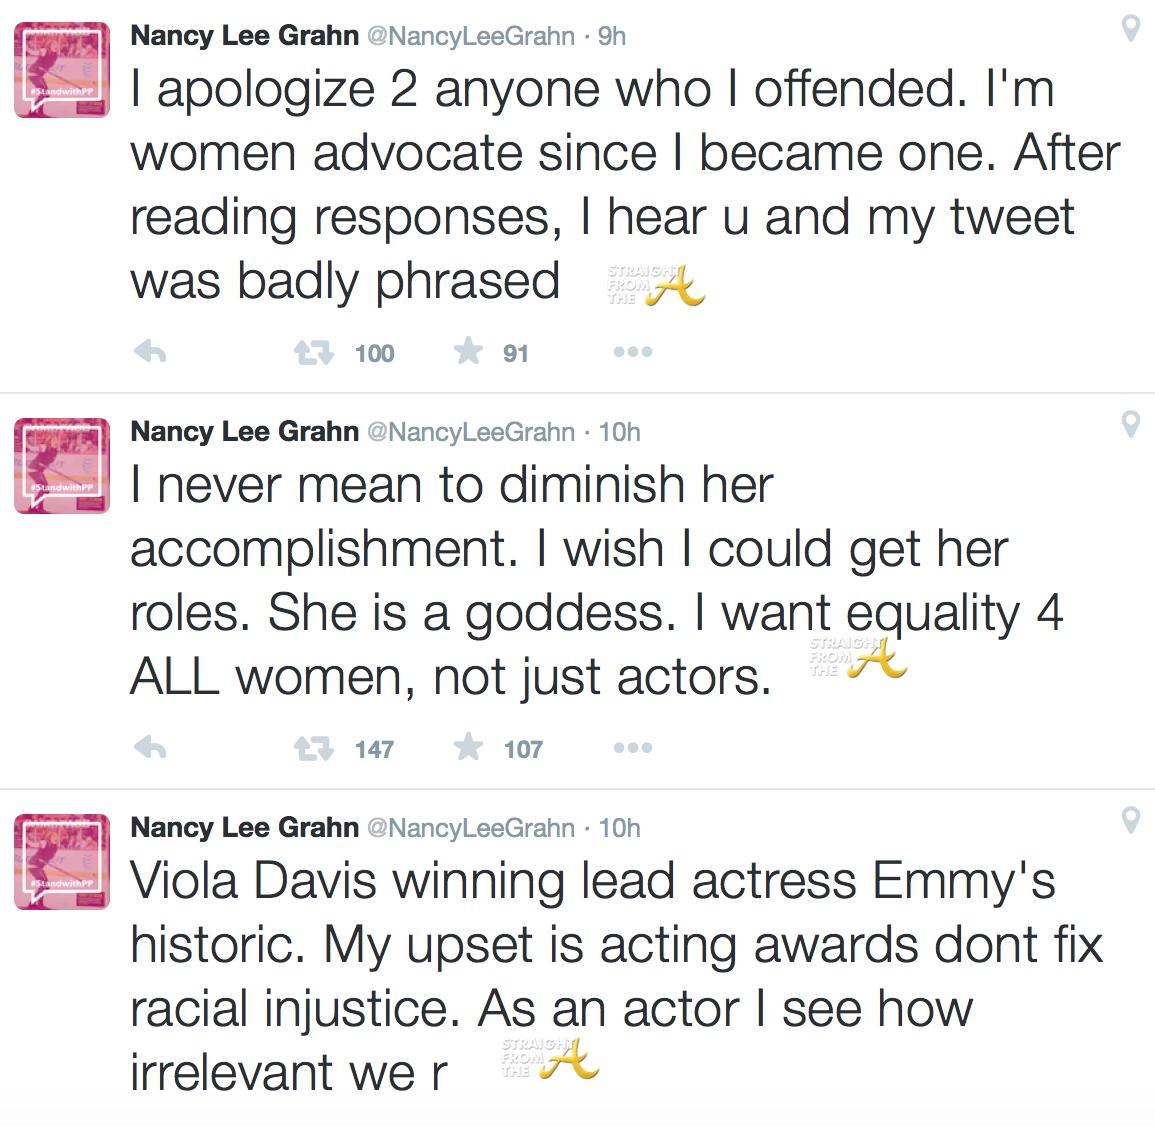 Nancy Lee Grahn tweets